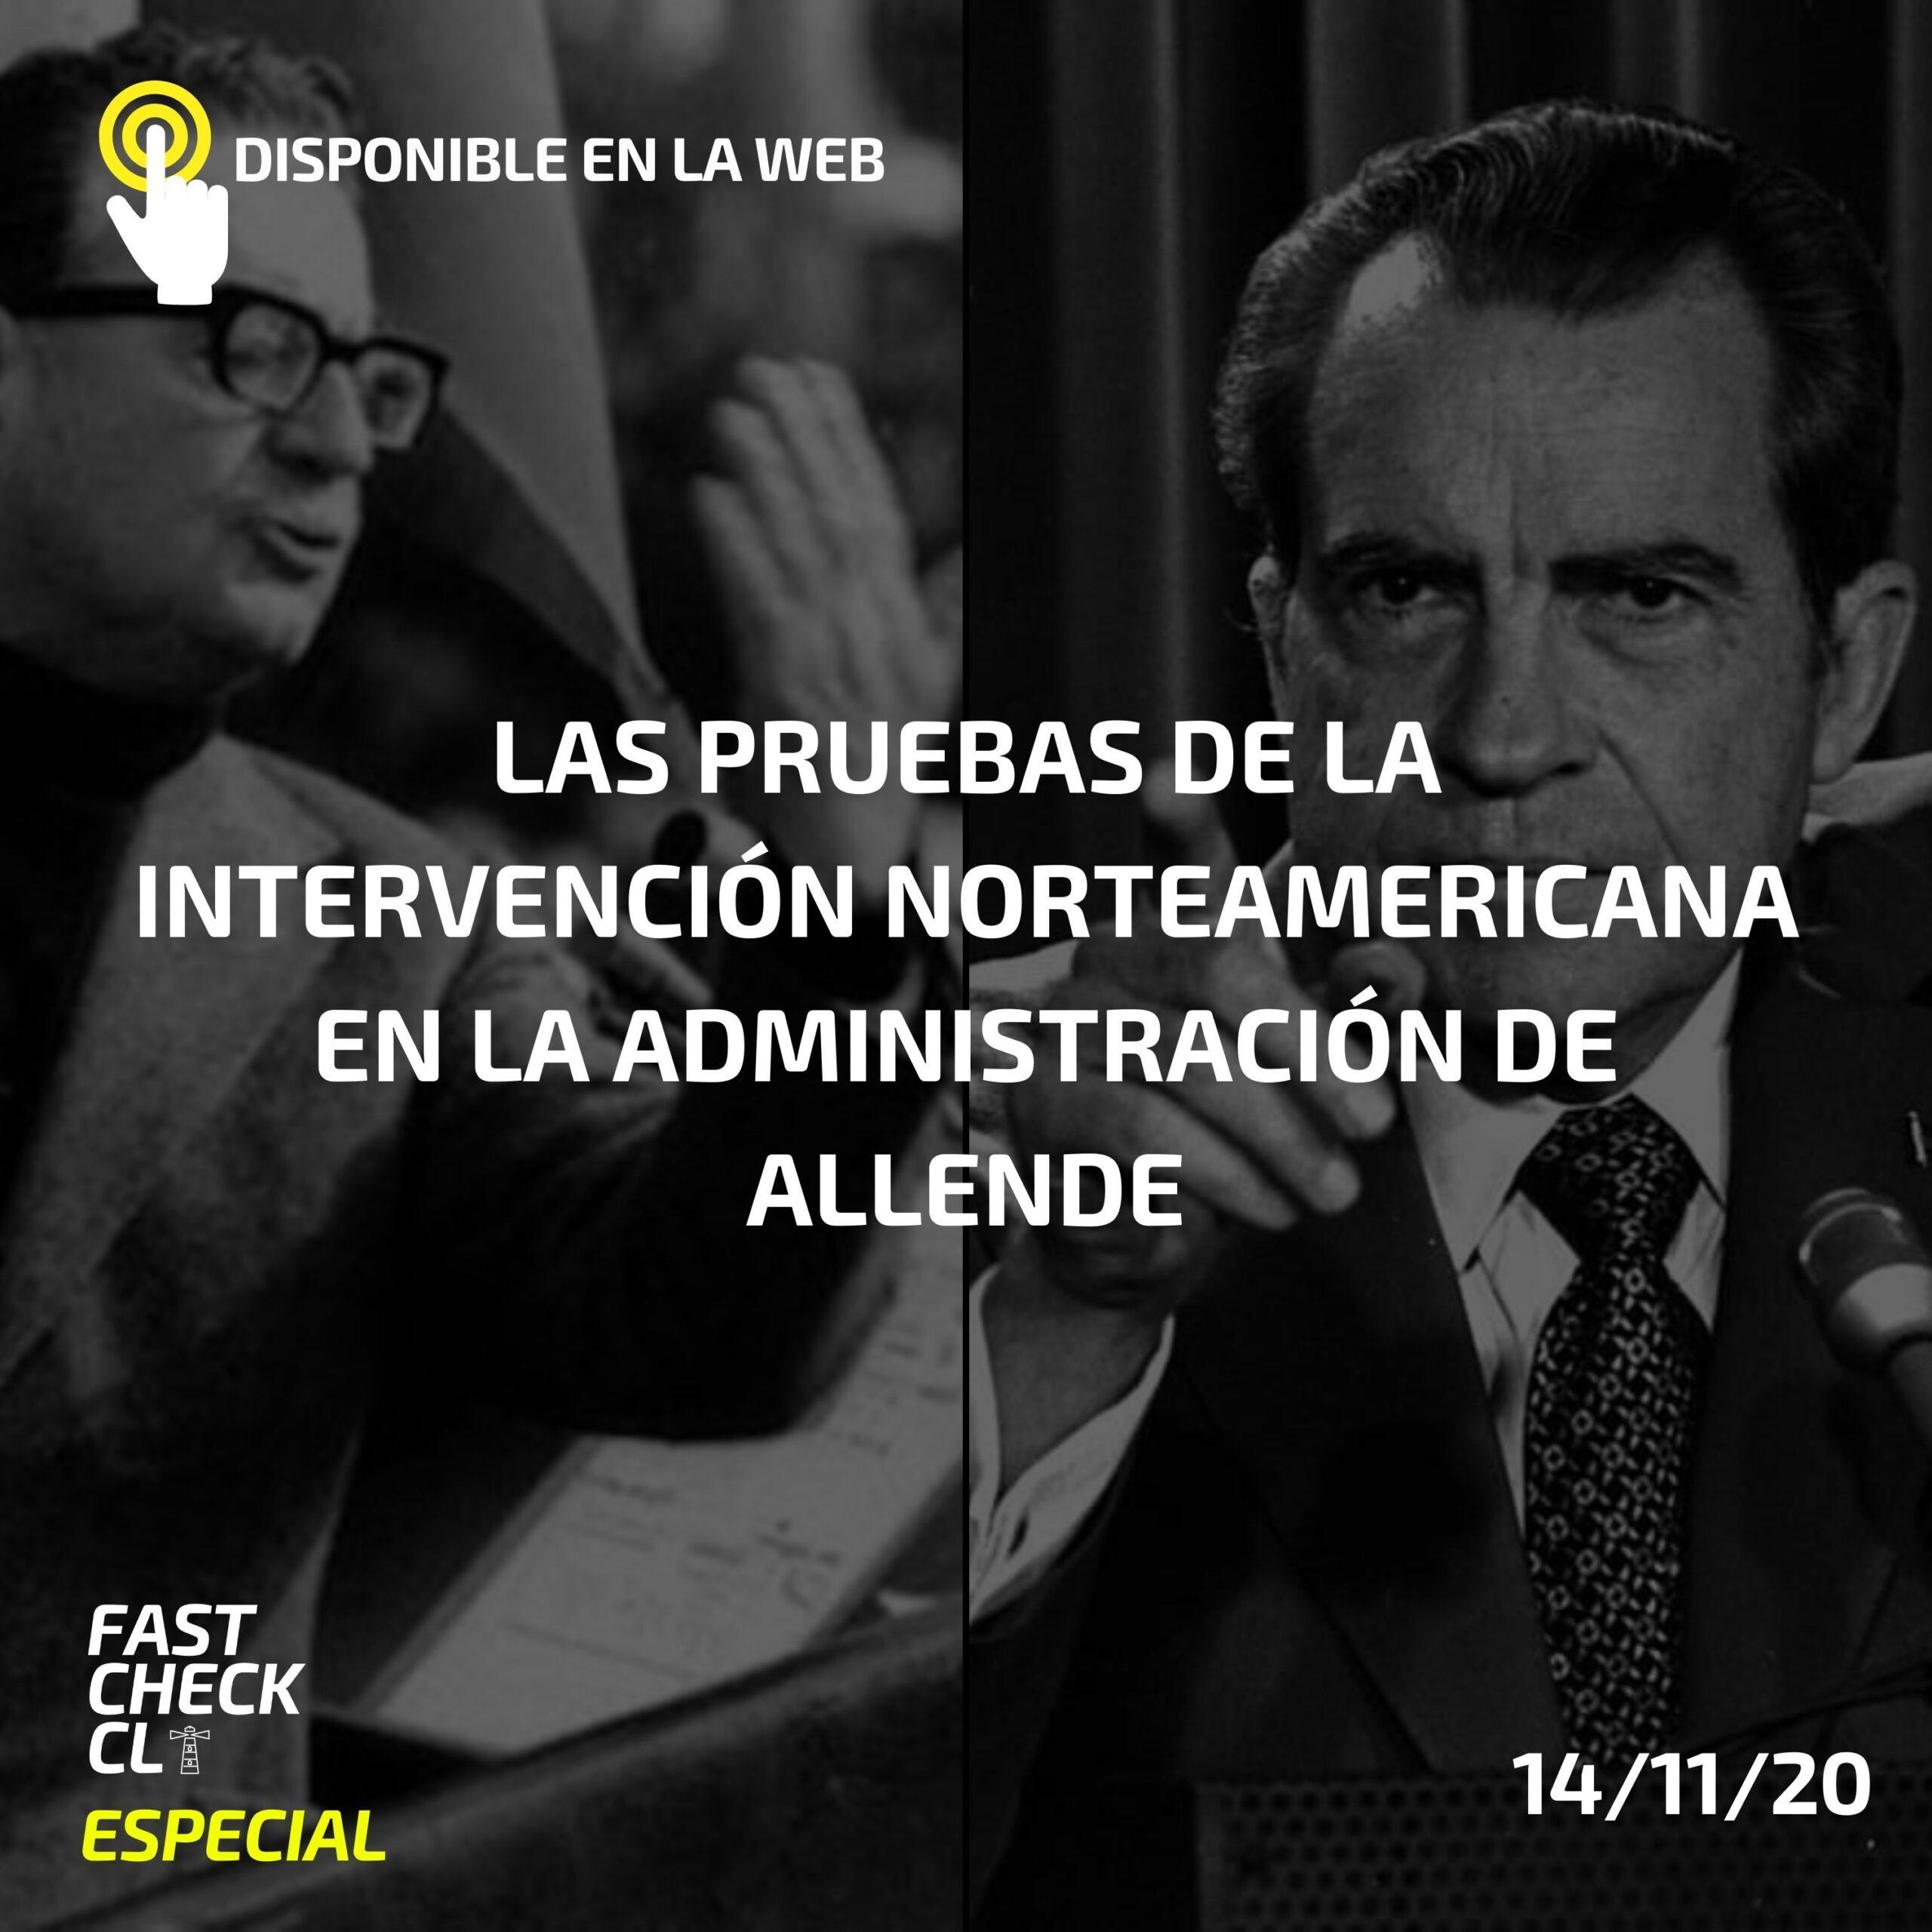 You are currently viewing Las pruebas de la intervención norteamericana en la administración de Allende